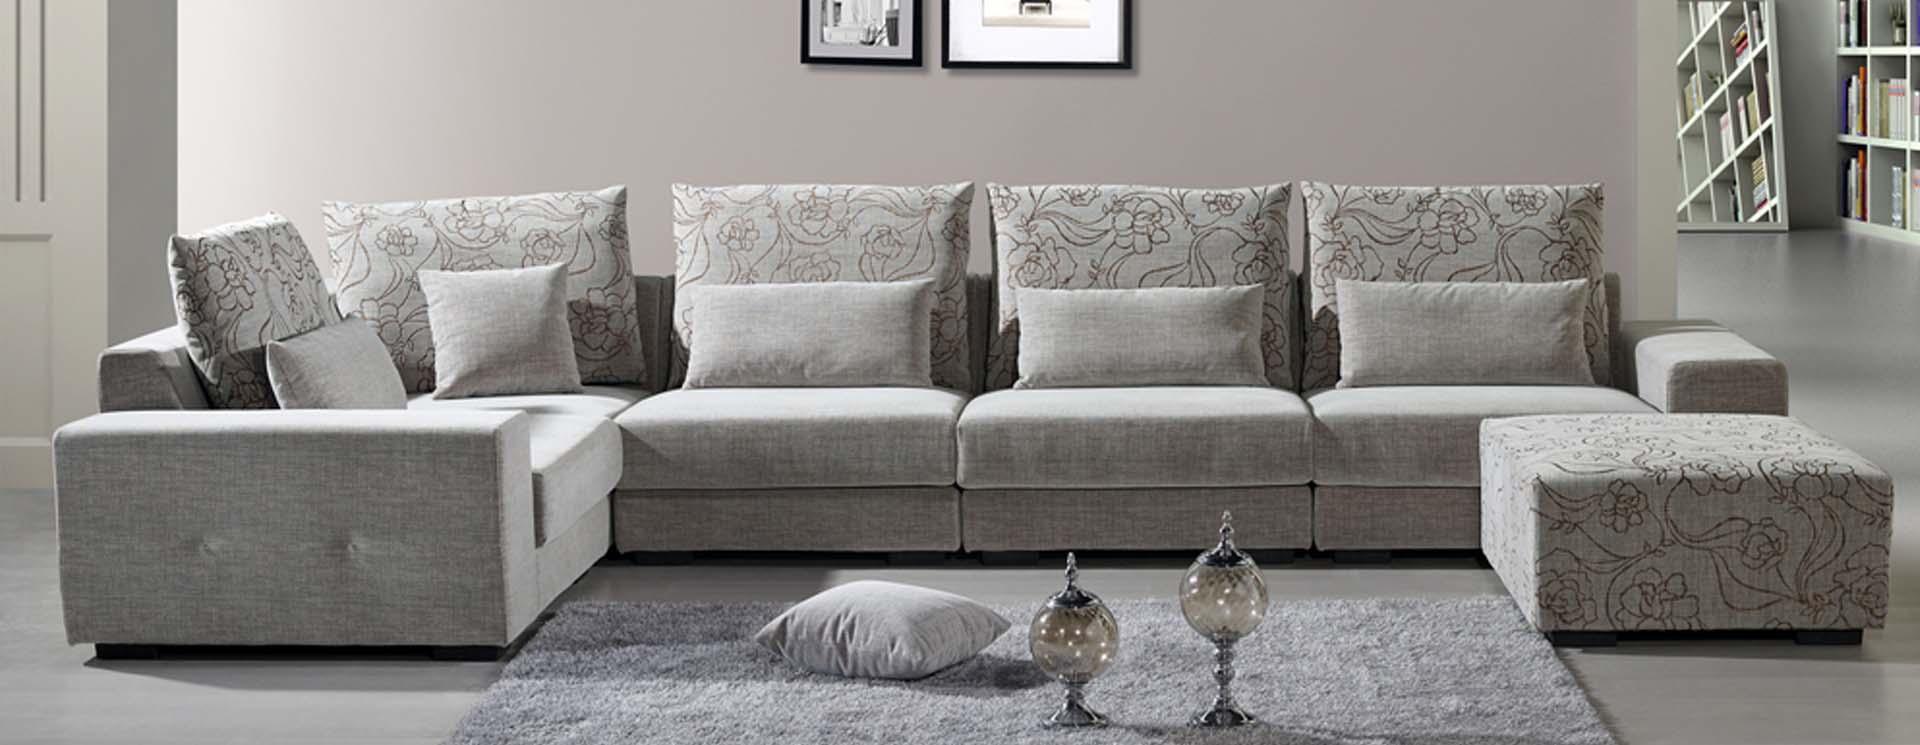 名称:沙发K590#A<br/> 市场价:<font style='color:#999;text-decoration:line-through;'>¥0</font><br />全国统一零售价:<font color='Red'>¥0.0</font>